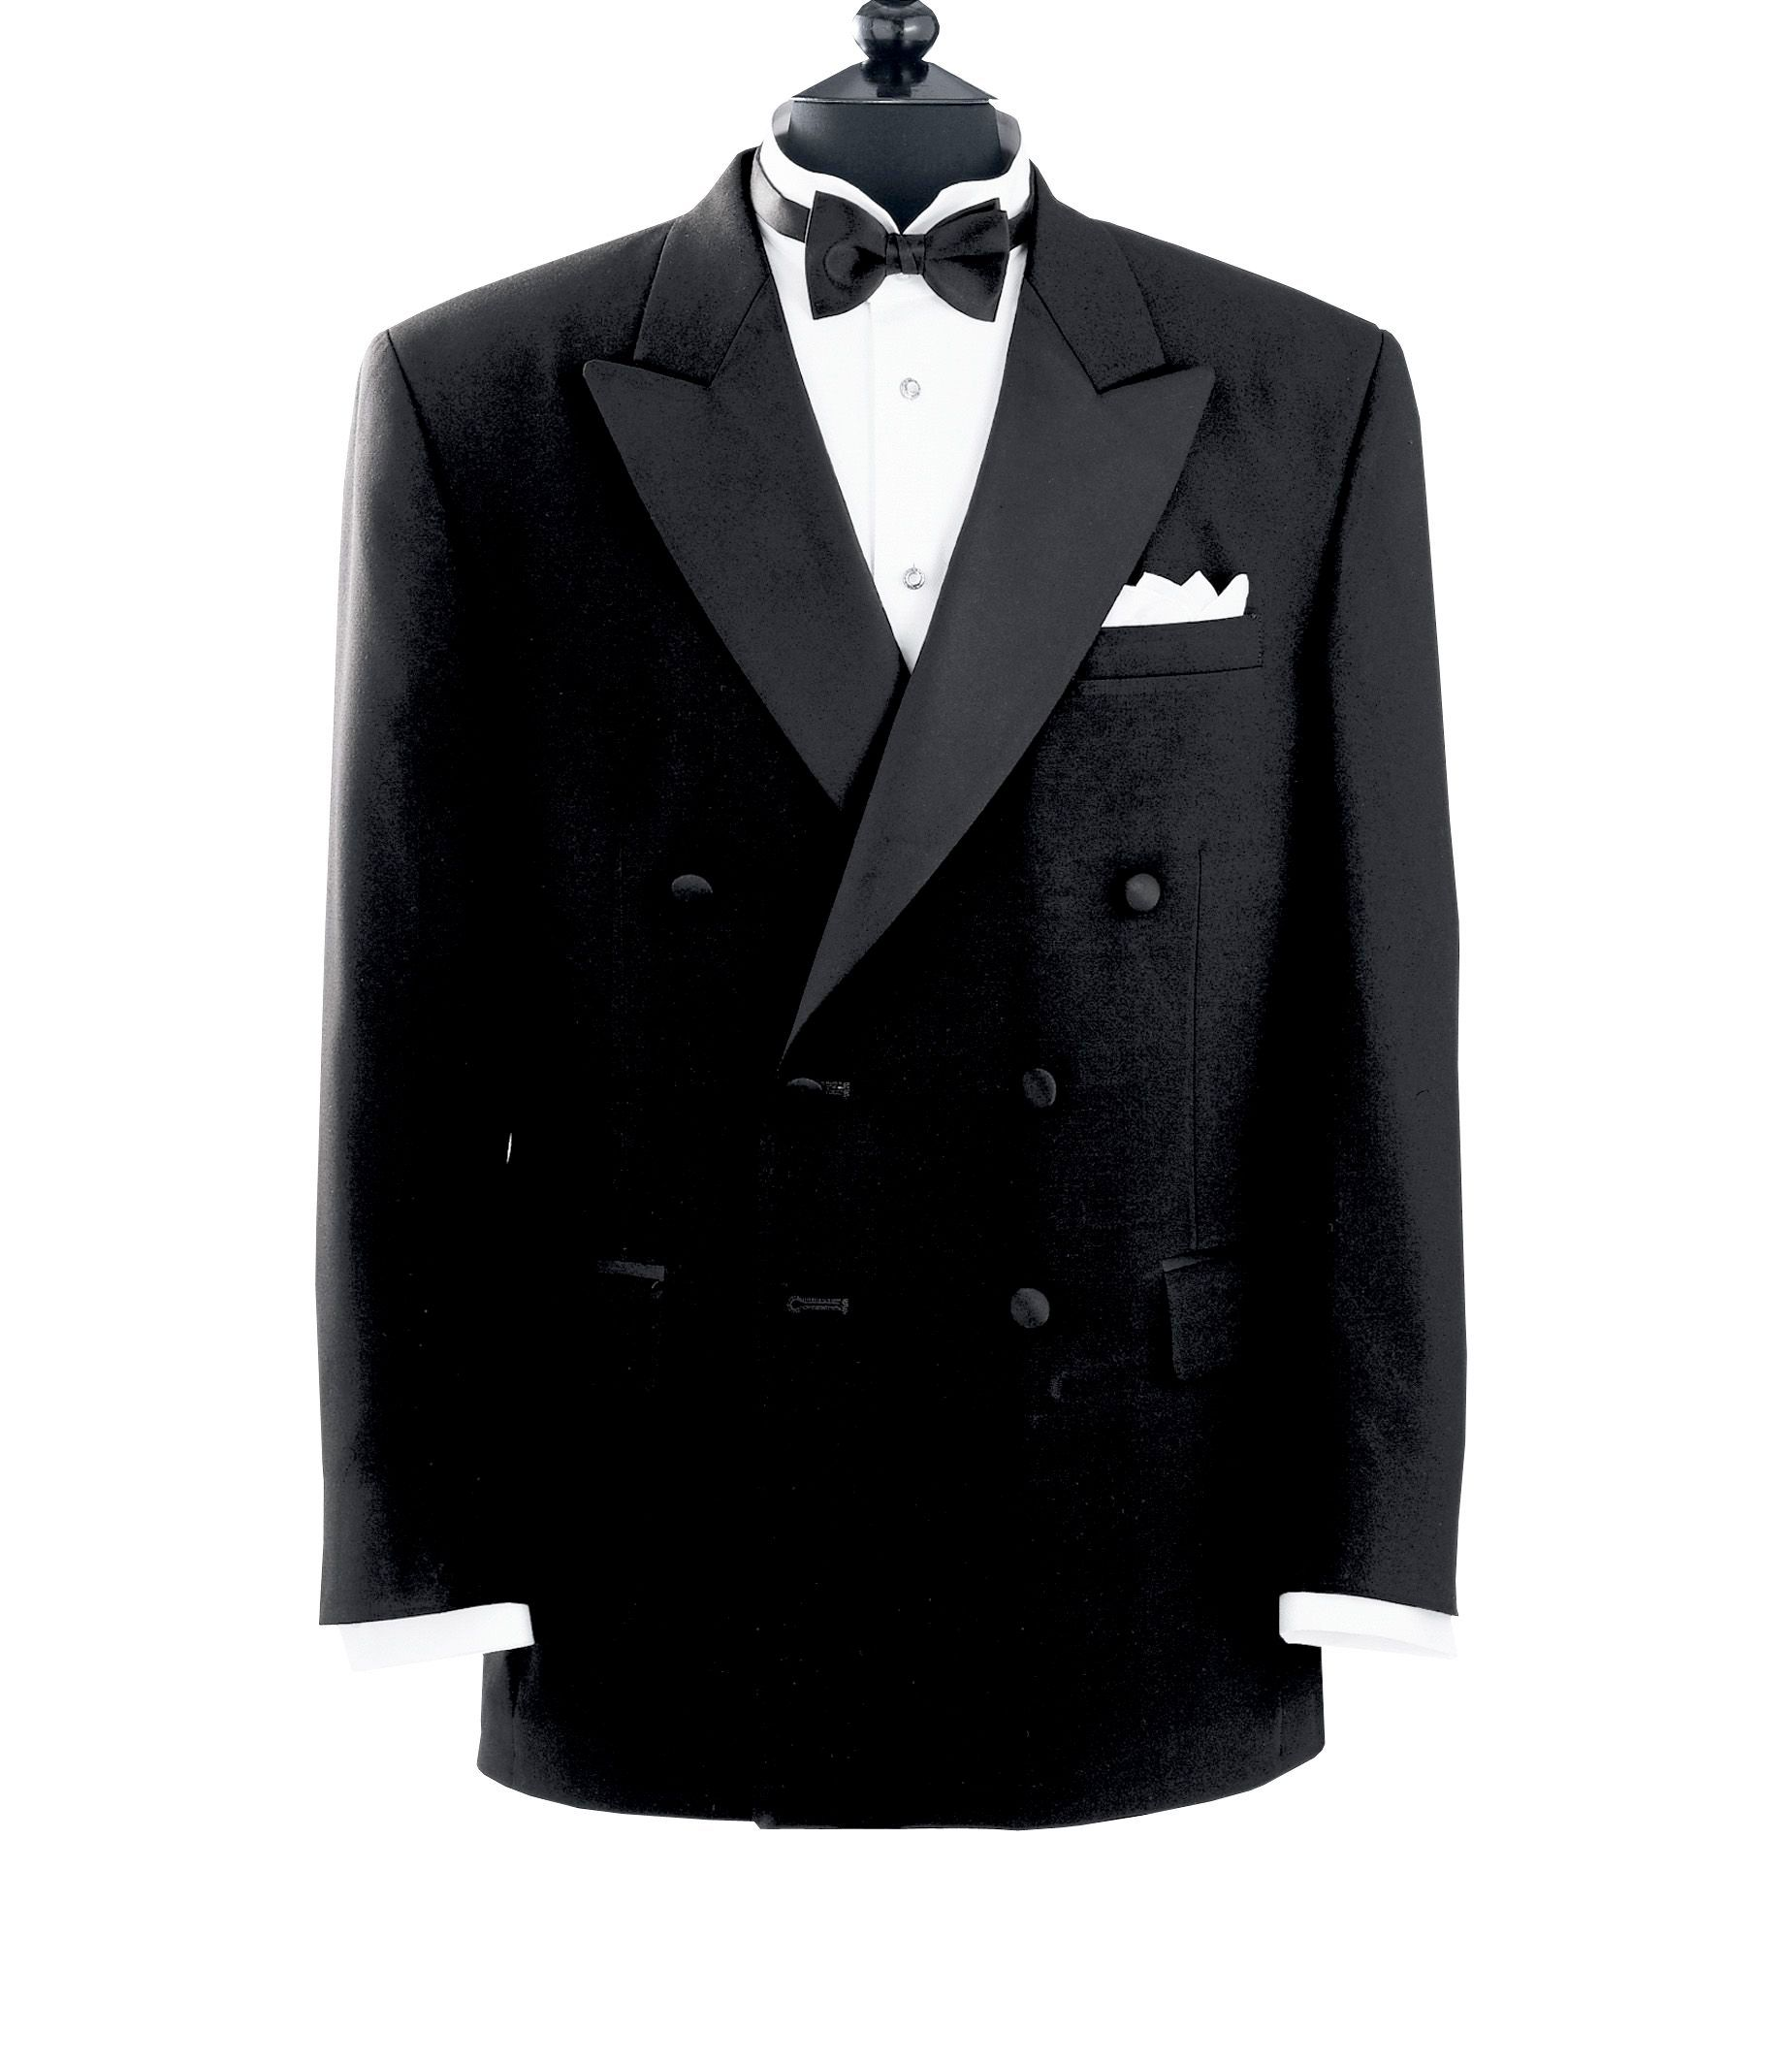 Black Double Breasted Tuxedo Jacket- 1940's Mens Formal Wear